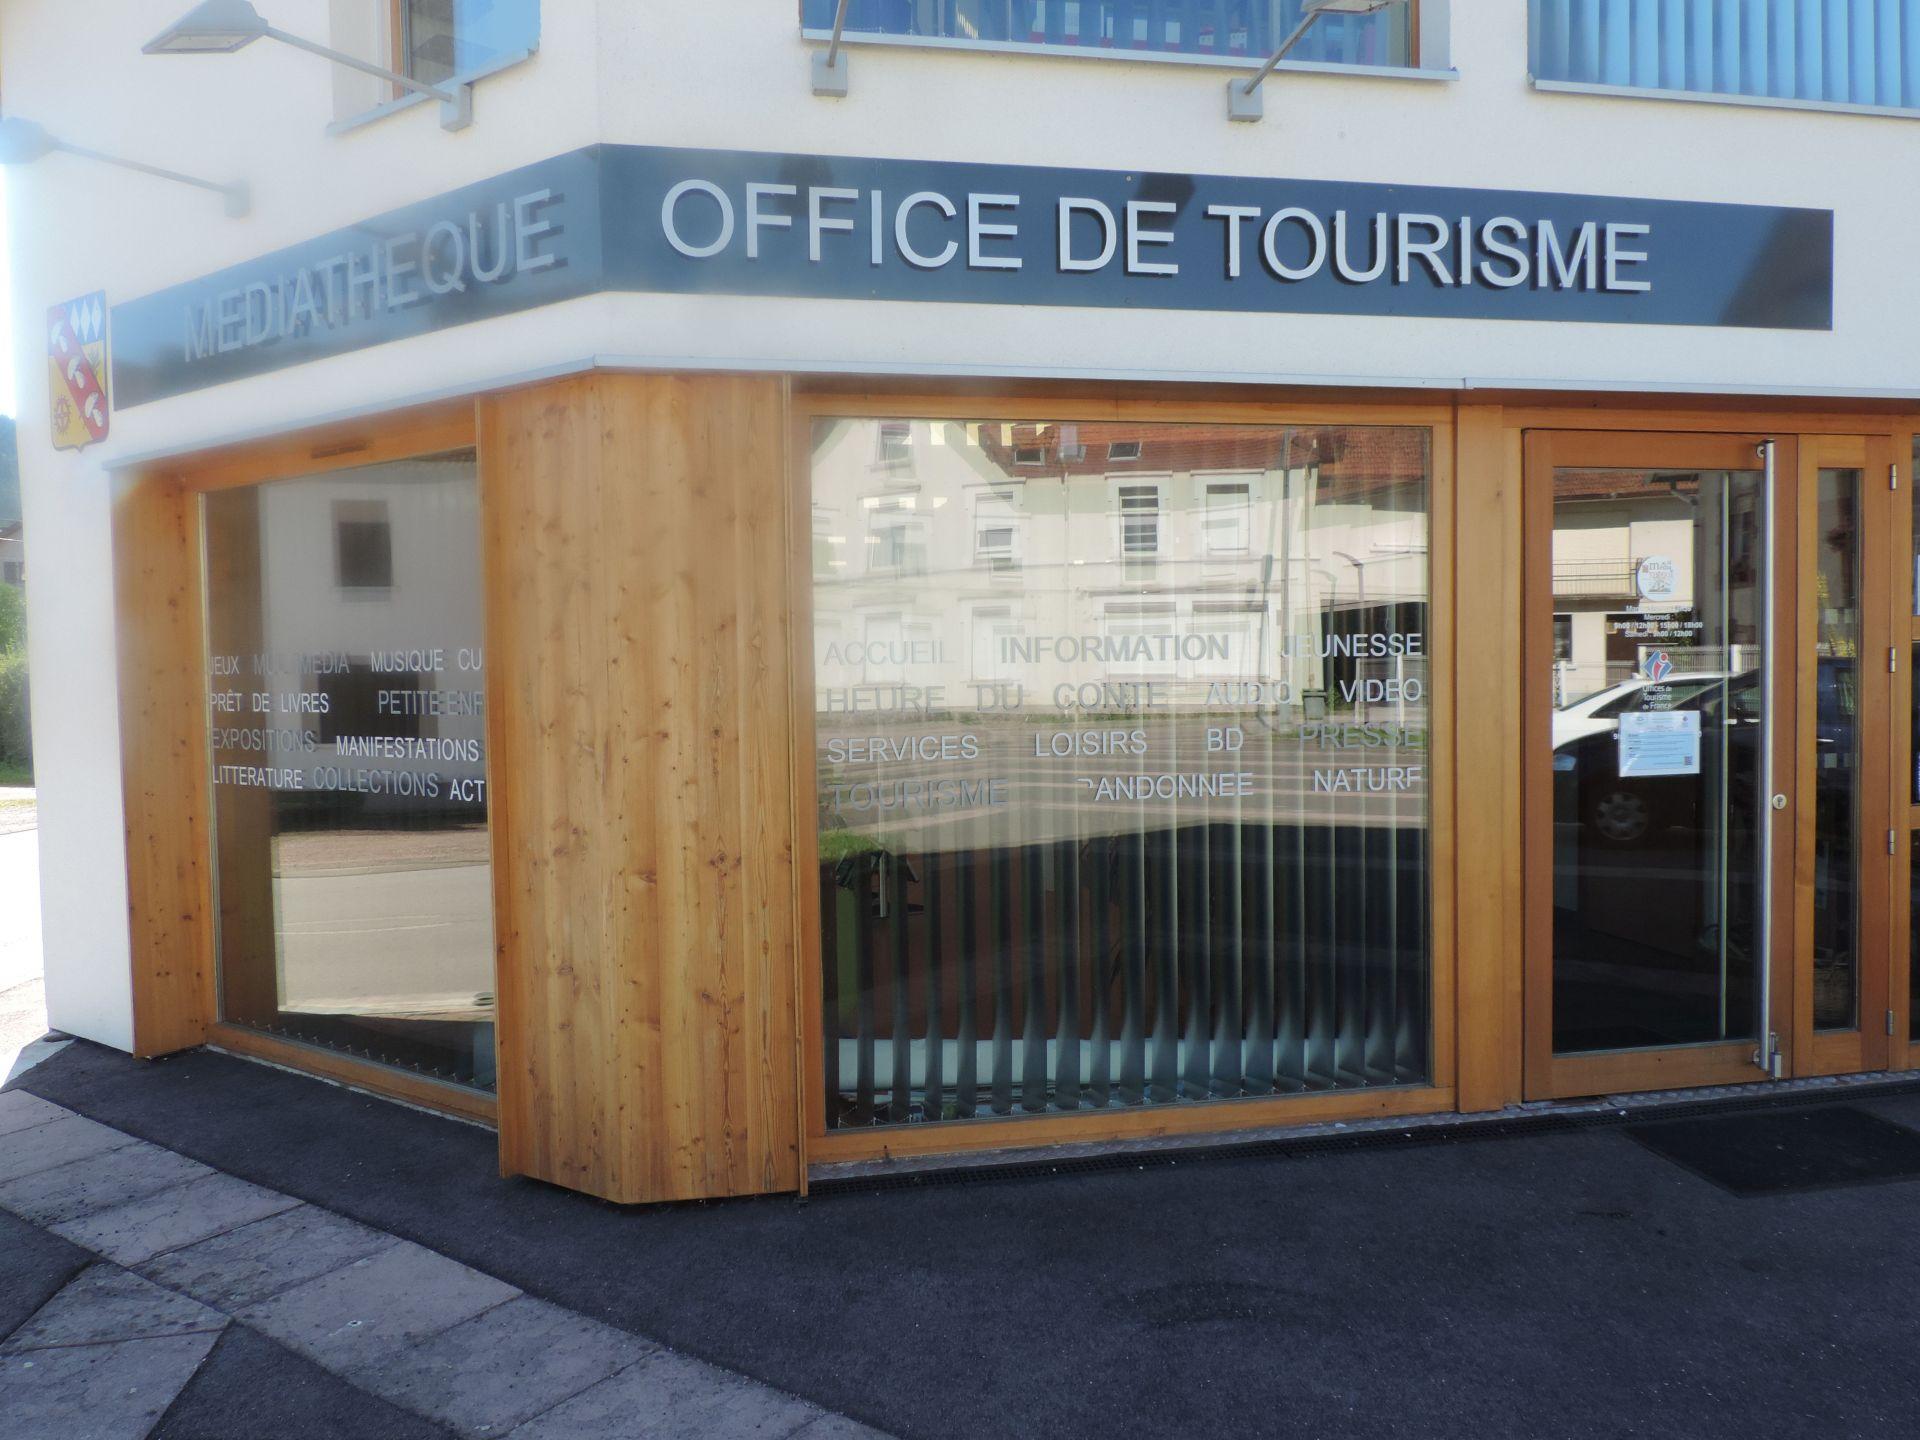 Bureau d 39 information touristisque de saulxures sur moselotte lorraine tourisme - Office de tourisme saulxures sur moselotte ...